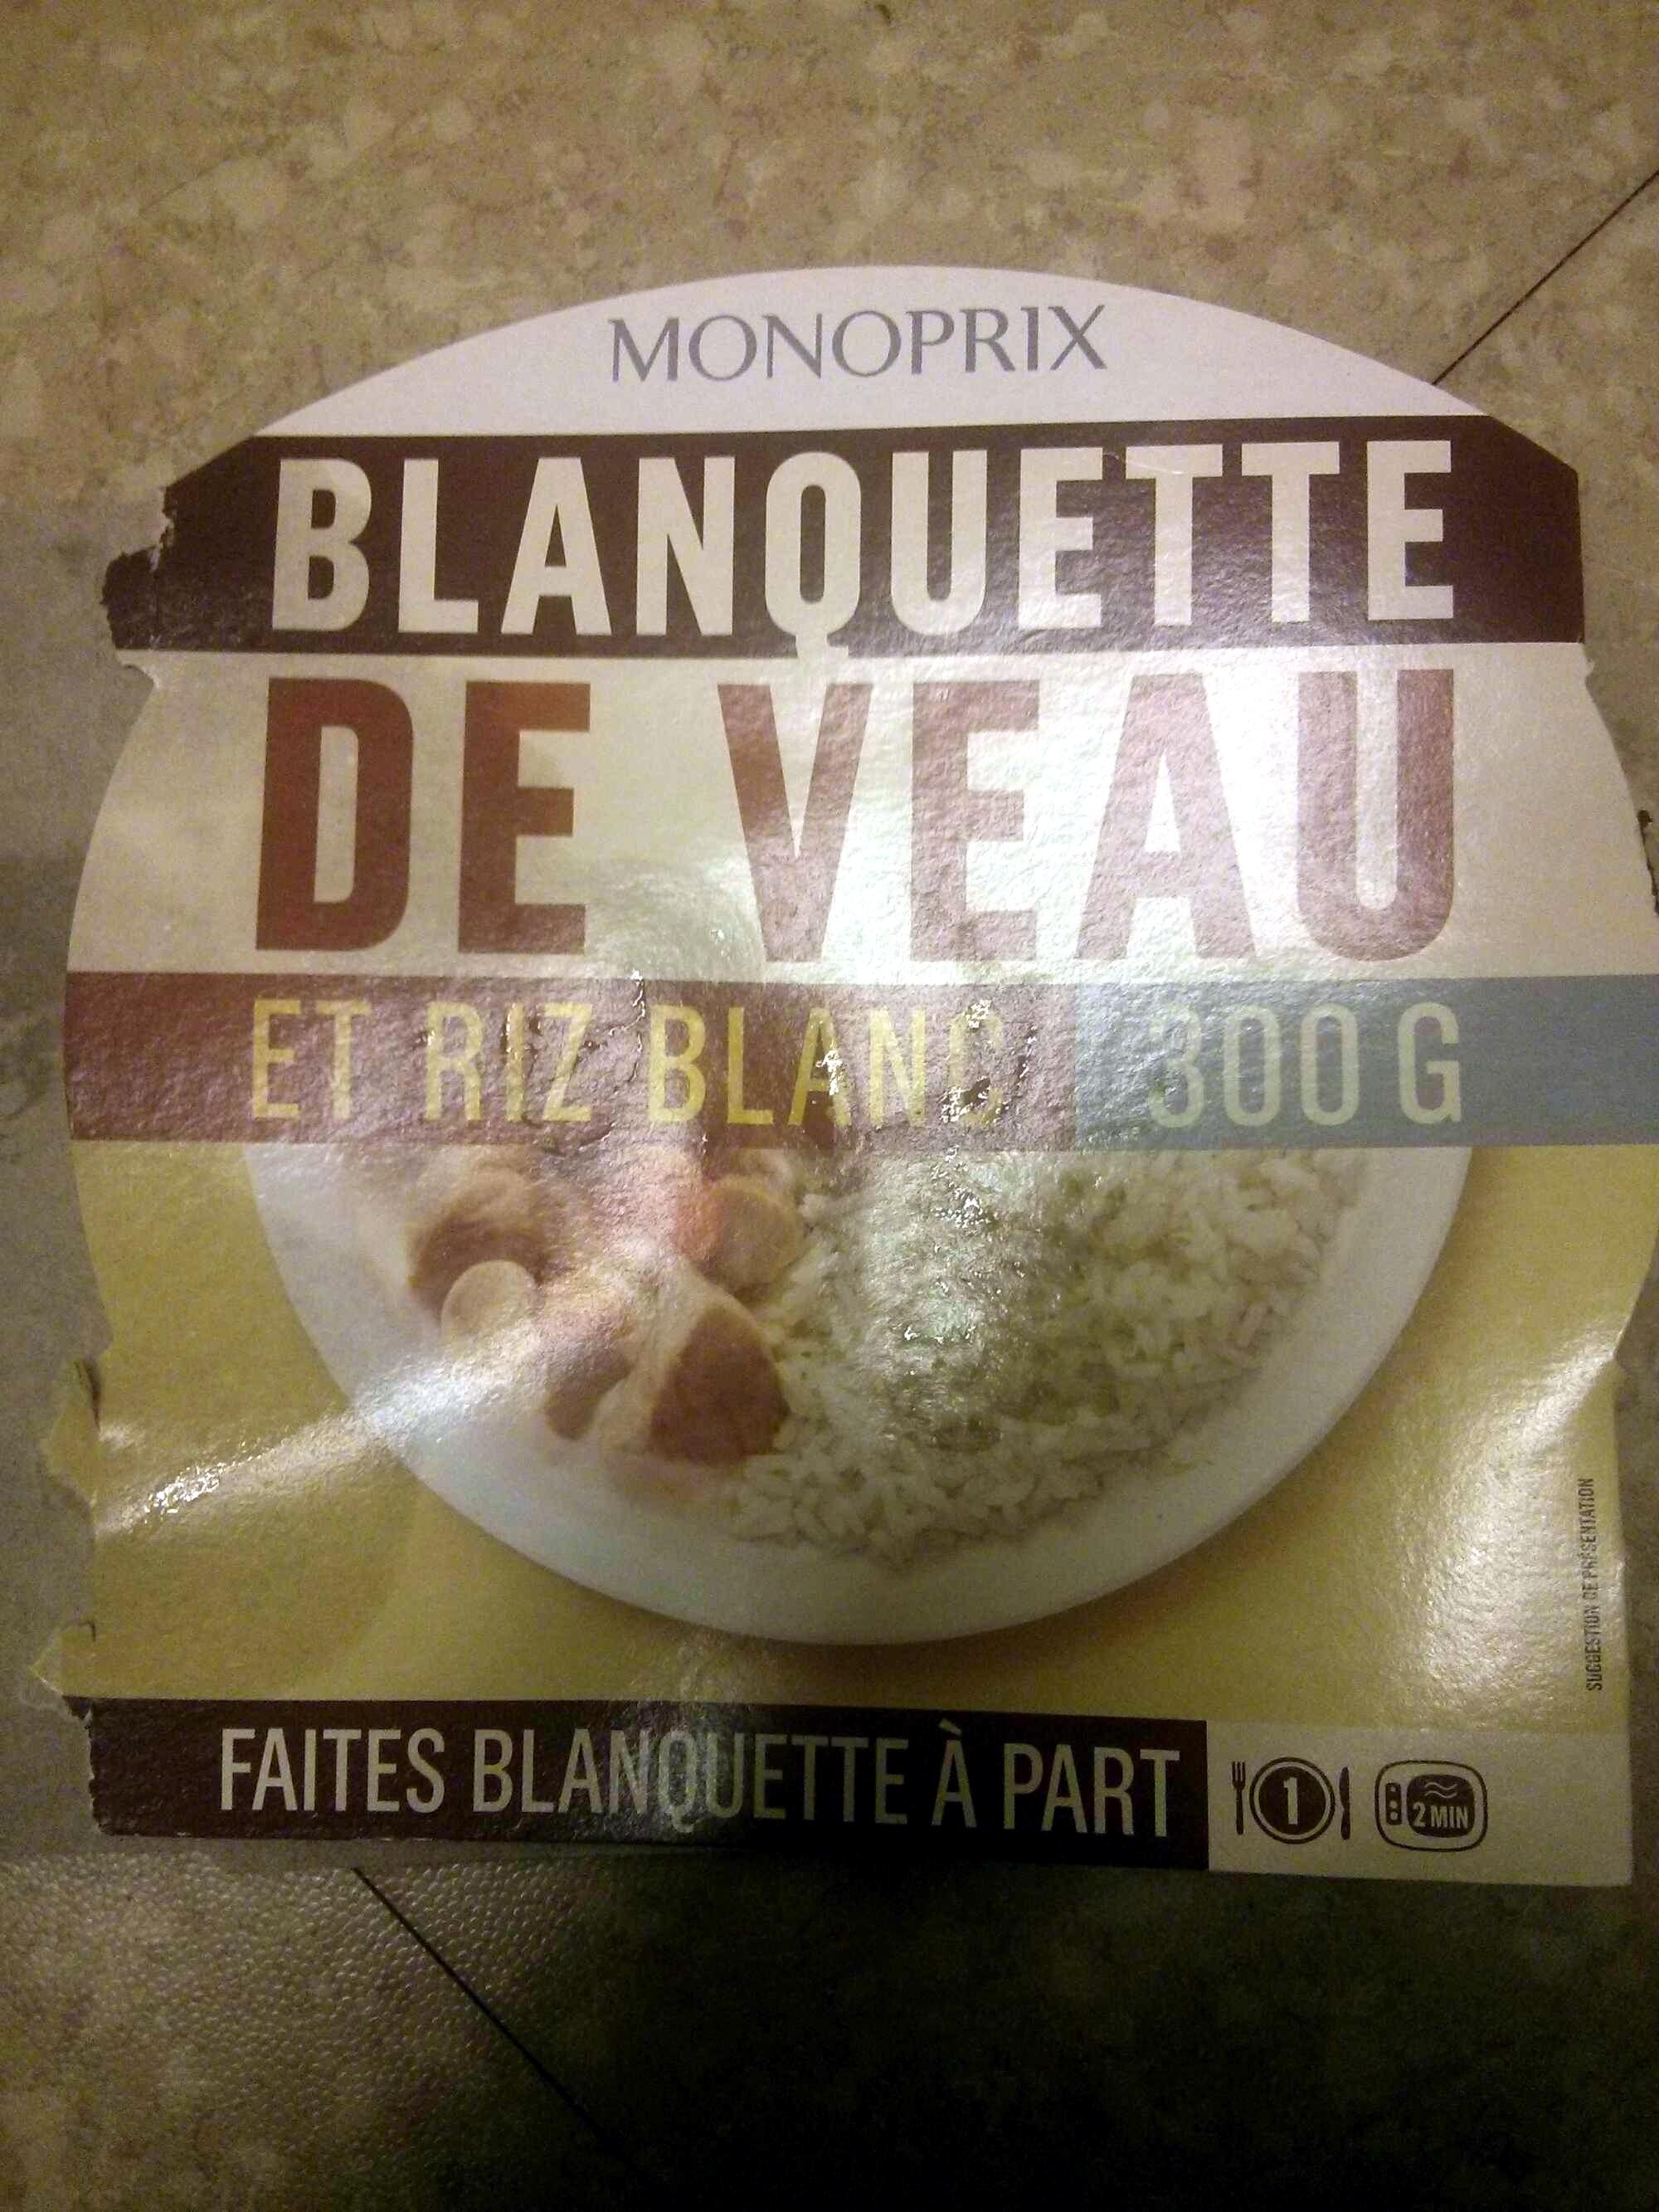 Blanquette de veau et riz blanc - Product - fr